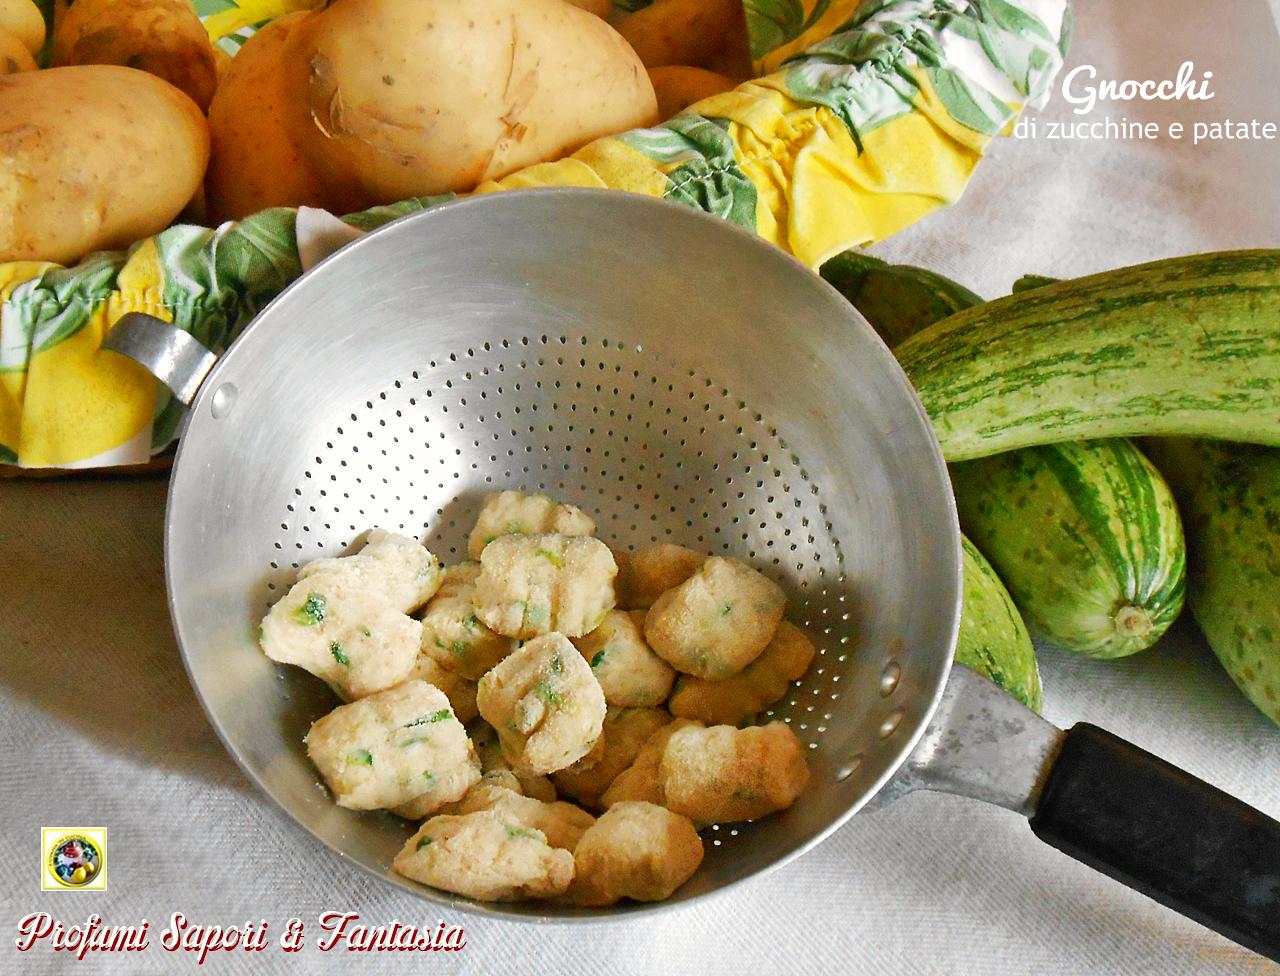 Gnocchi di zucchine e patate